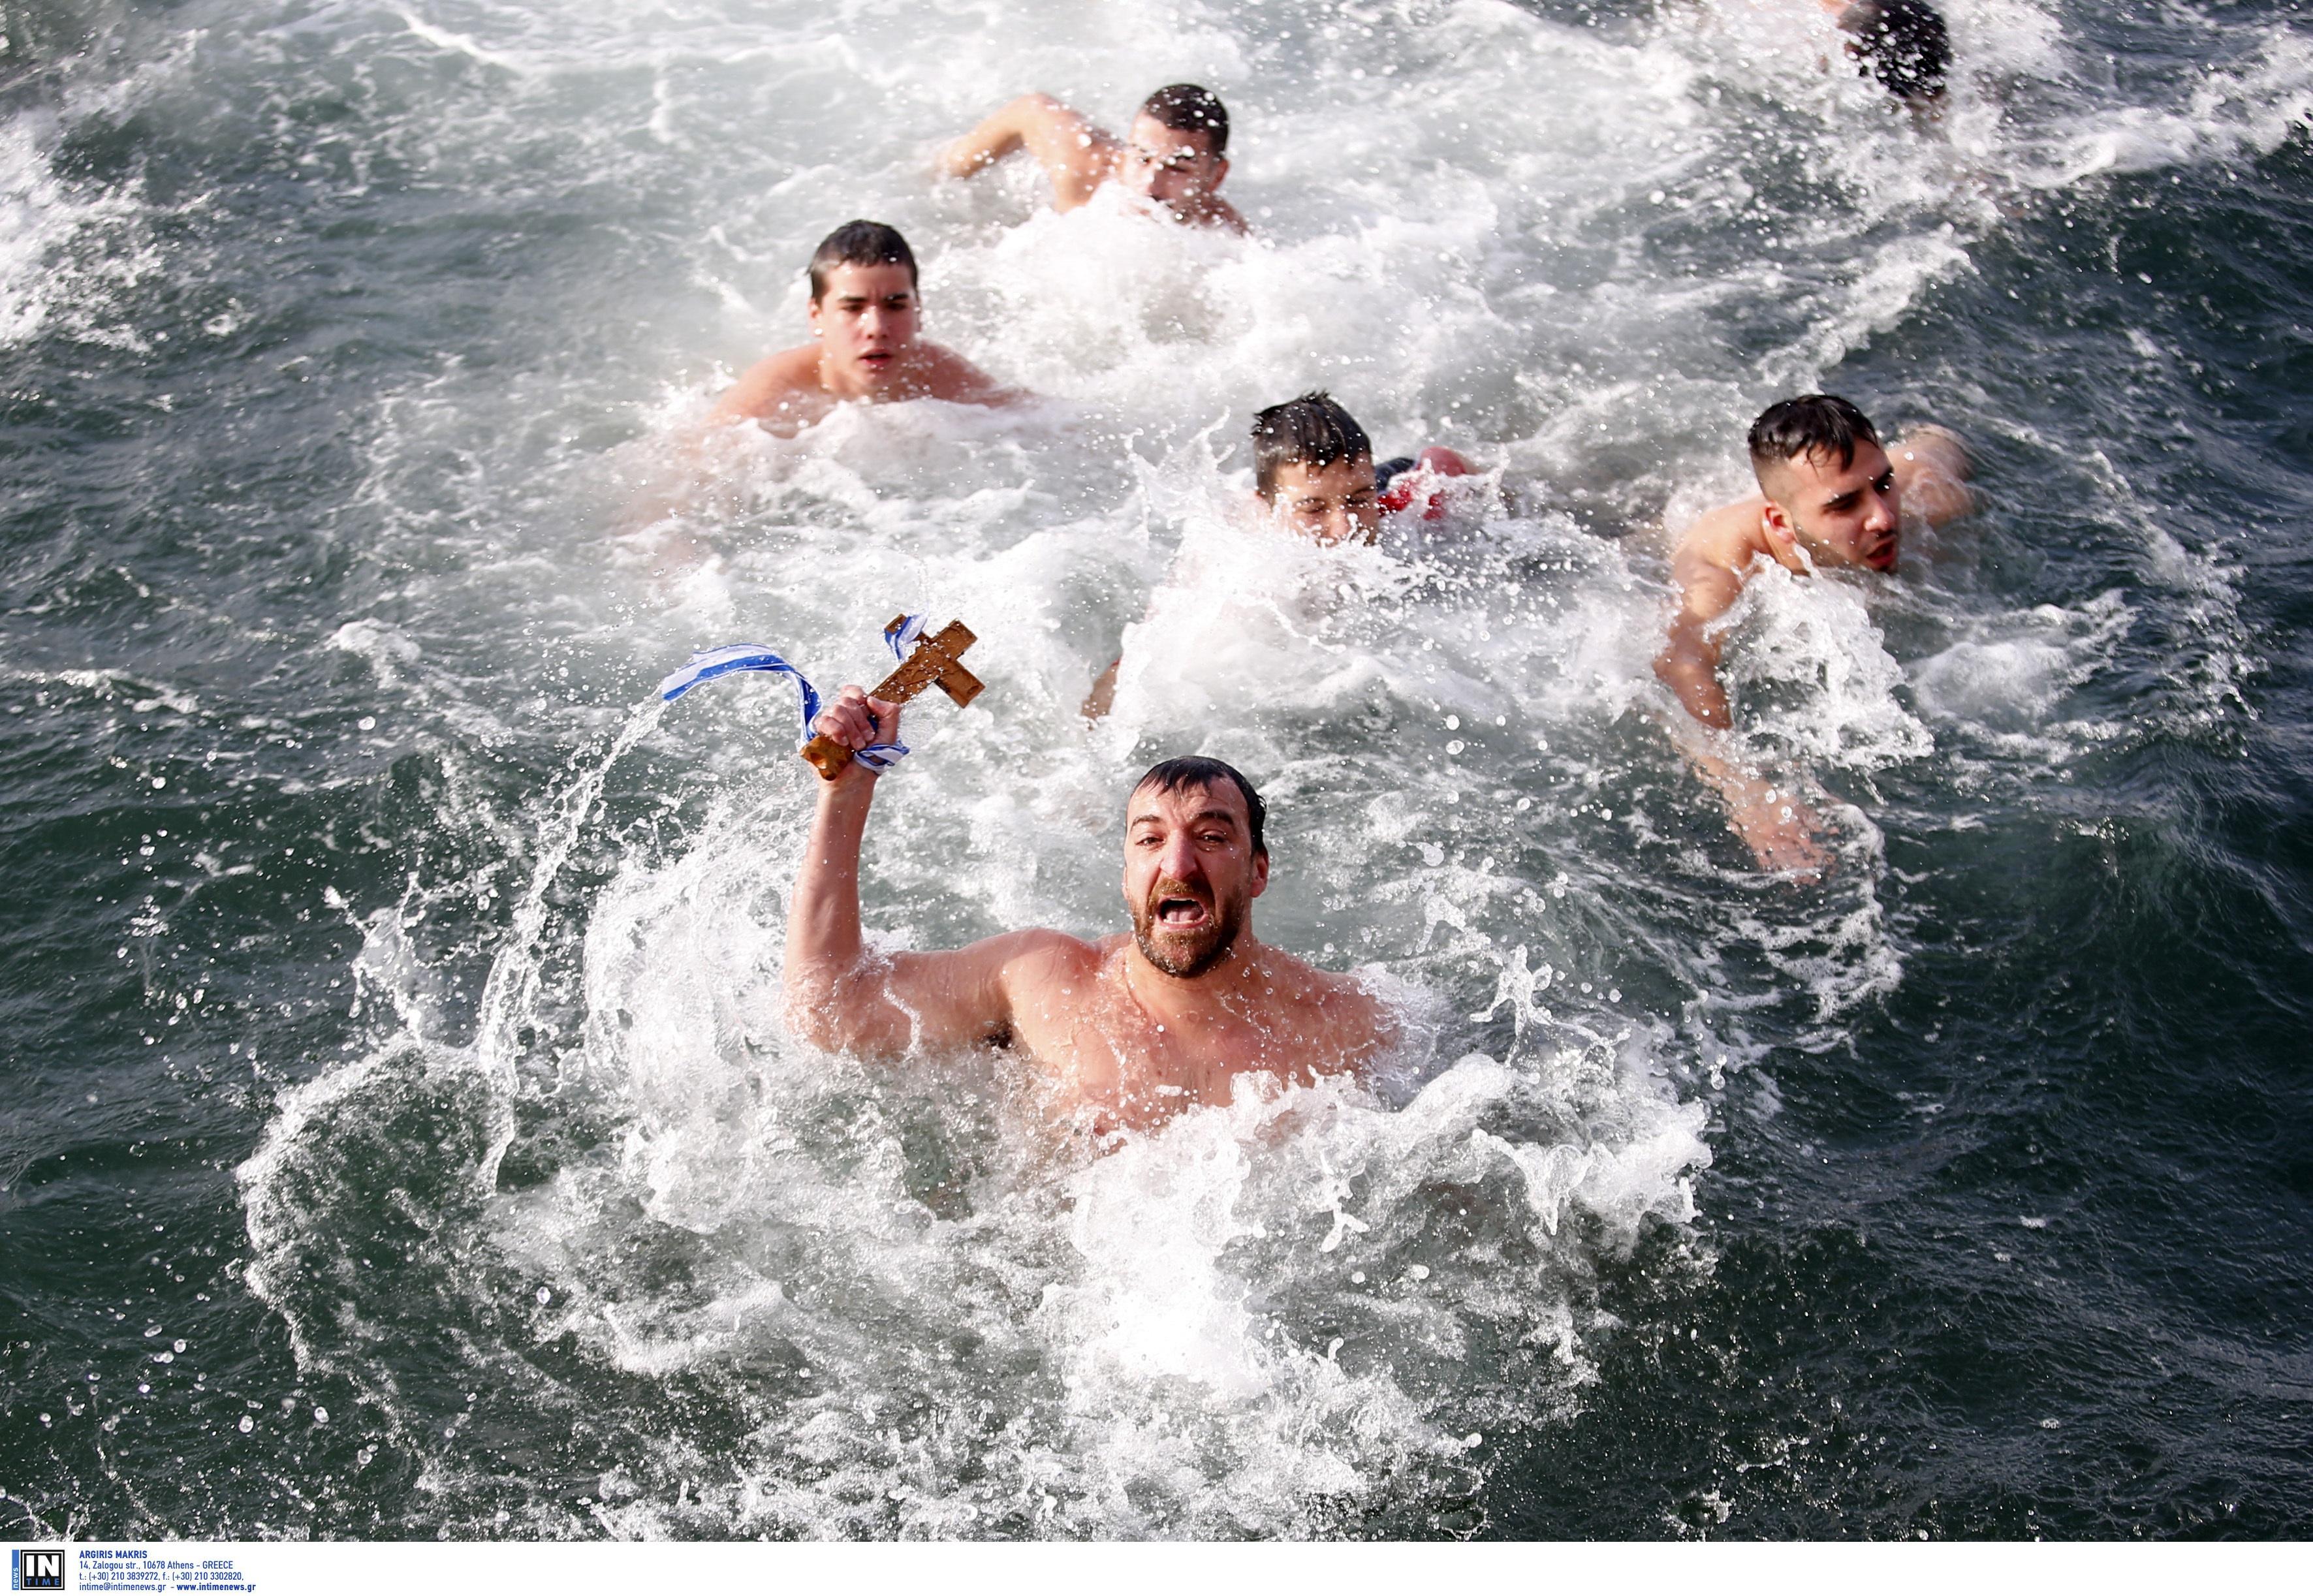 Με χαμηλές θερμοκρασίες, σε θάλασσες και... πισίνες, ο εορτασμός των Θεοφανείων στη συμπρωτεύουσα